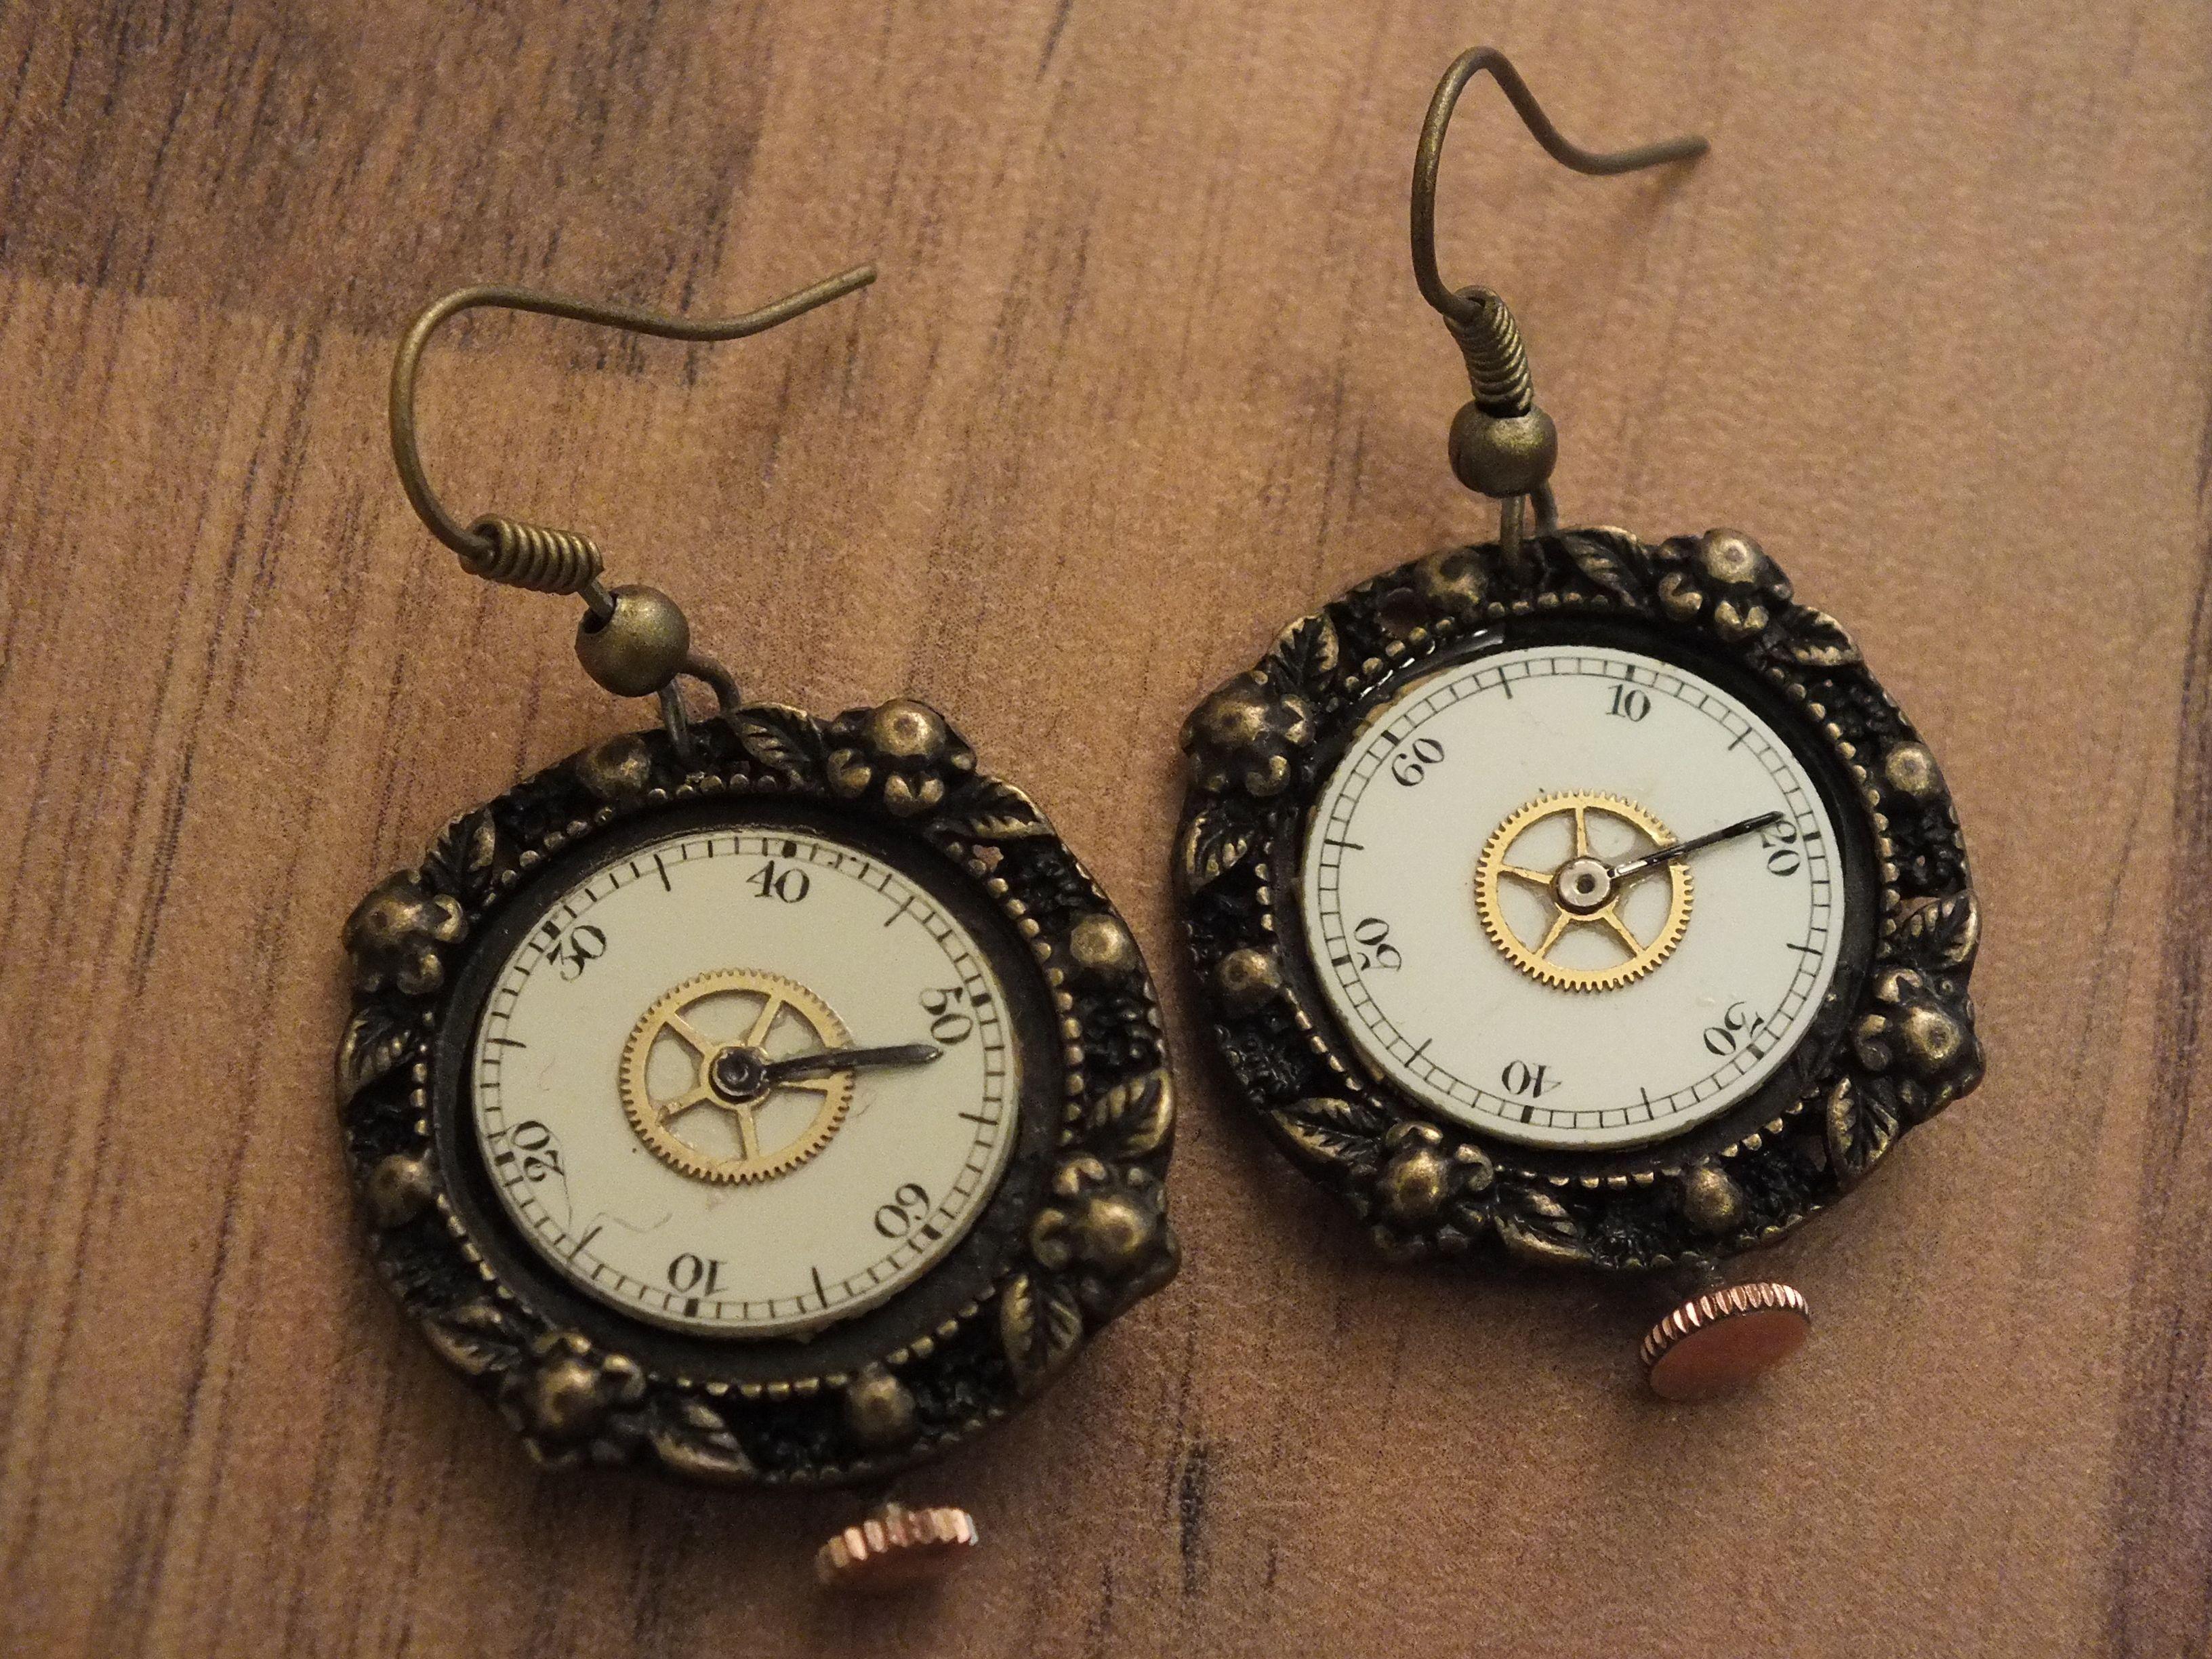 Pair of clock face earrings on a brace base.  Ein Paar Zifferenblattohrringe auf einem Messinguntergrund.